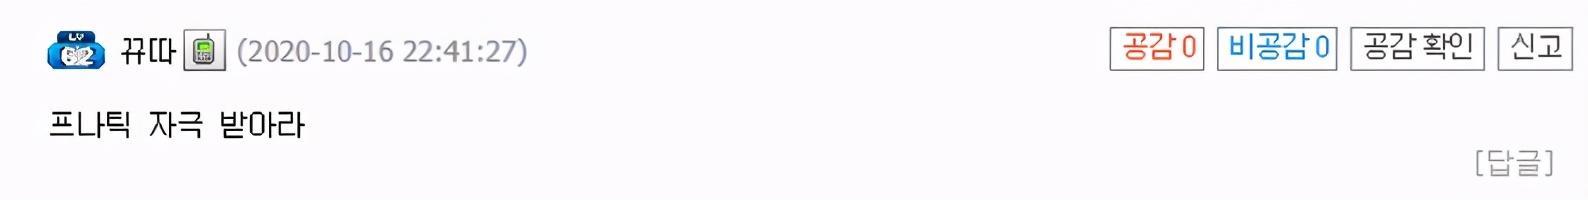 赵云传之纵横天下_韩网热议SN淘汰JDG:今年Dade奖要从京东里选了-第7张图片-游戏摸鱼怪